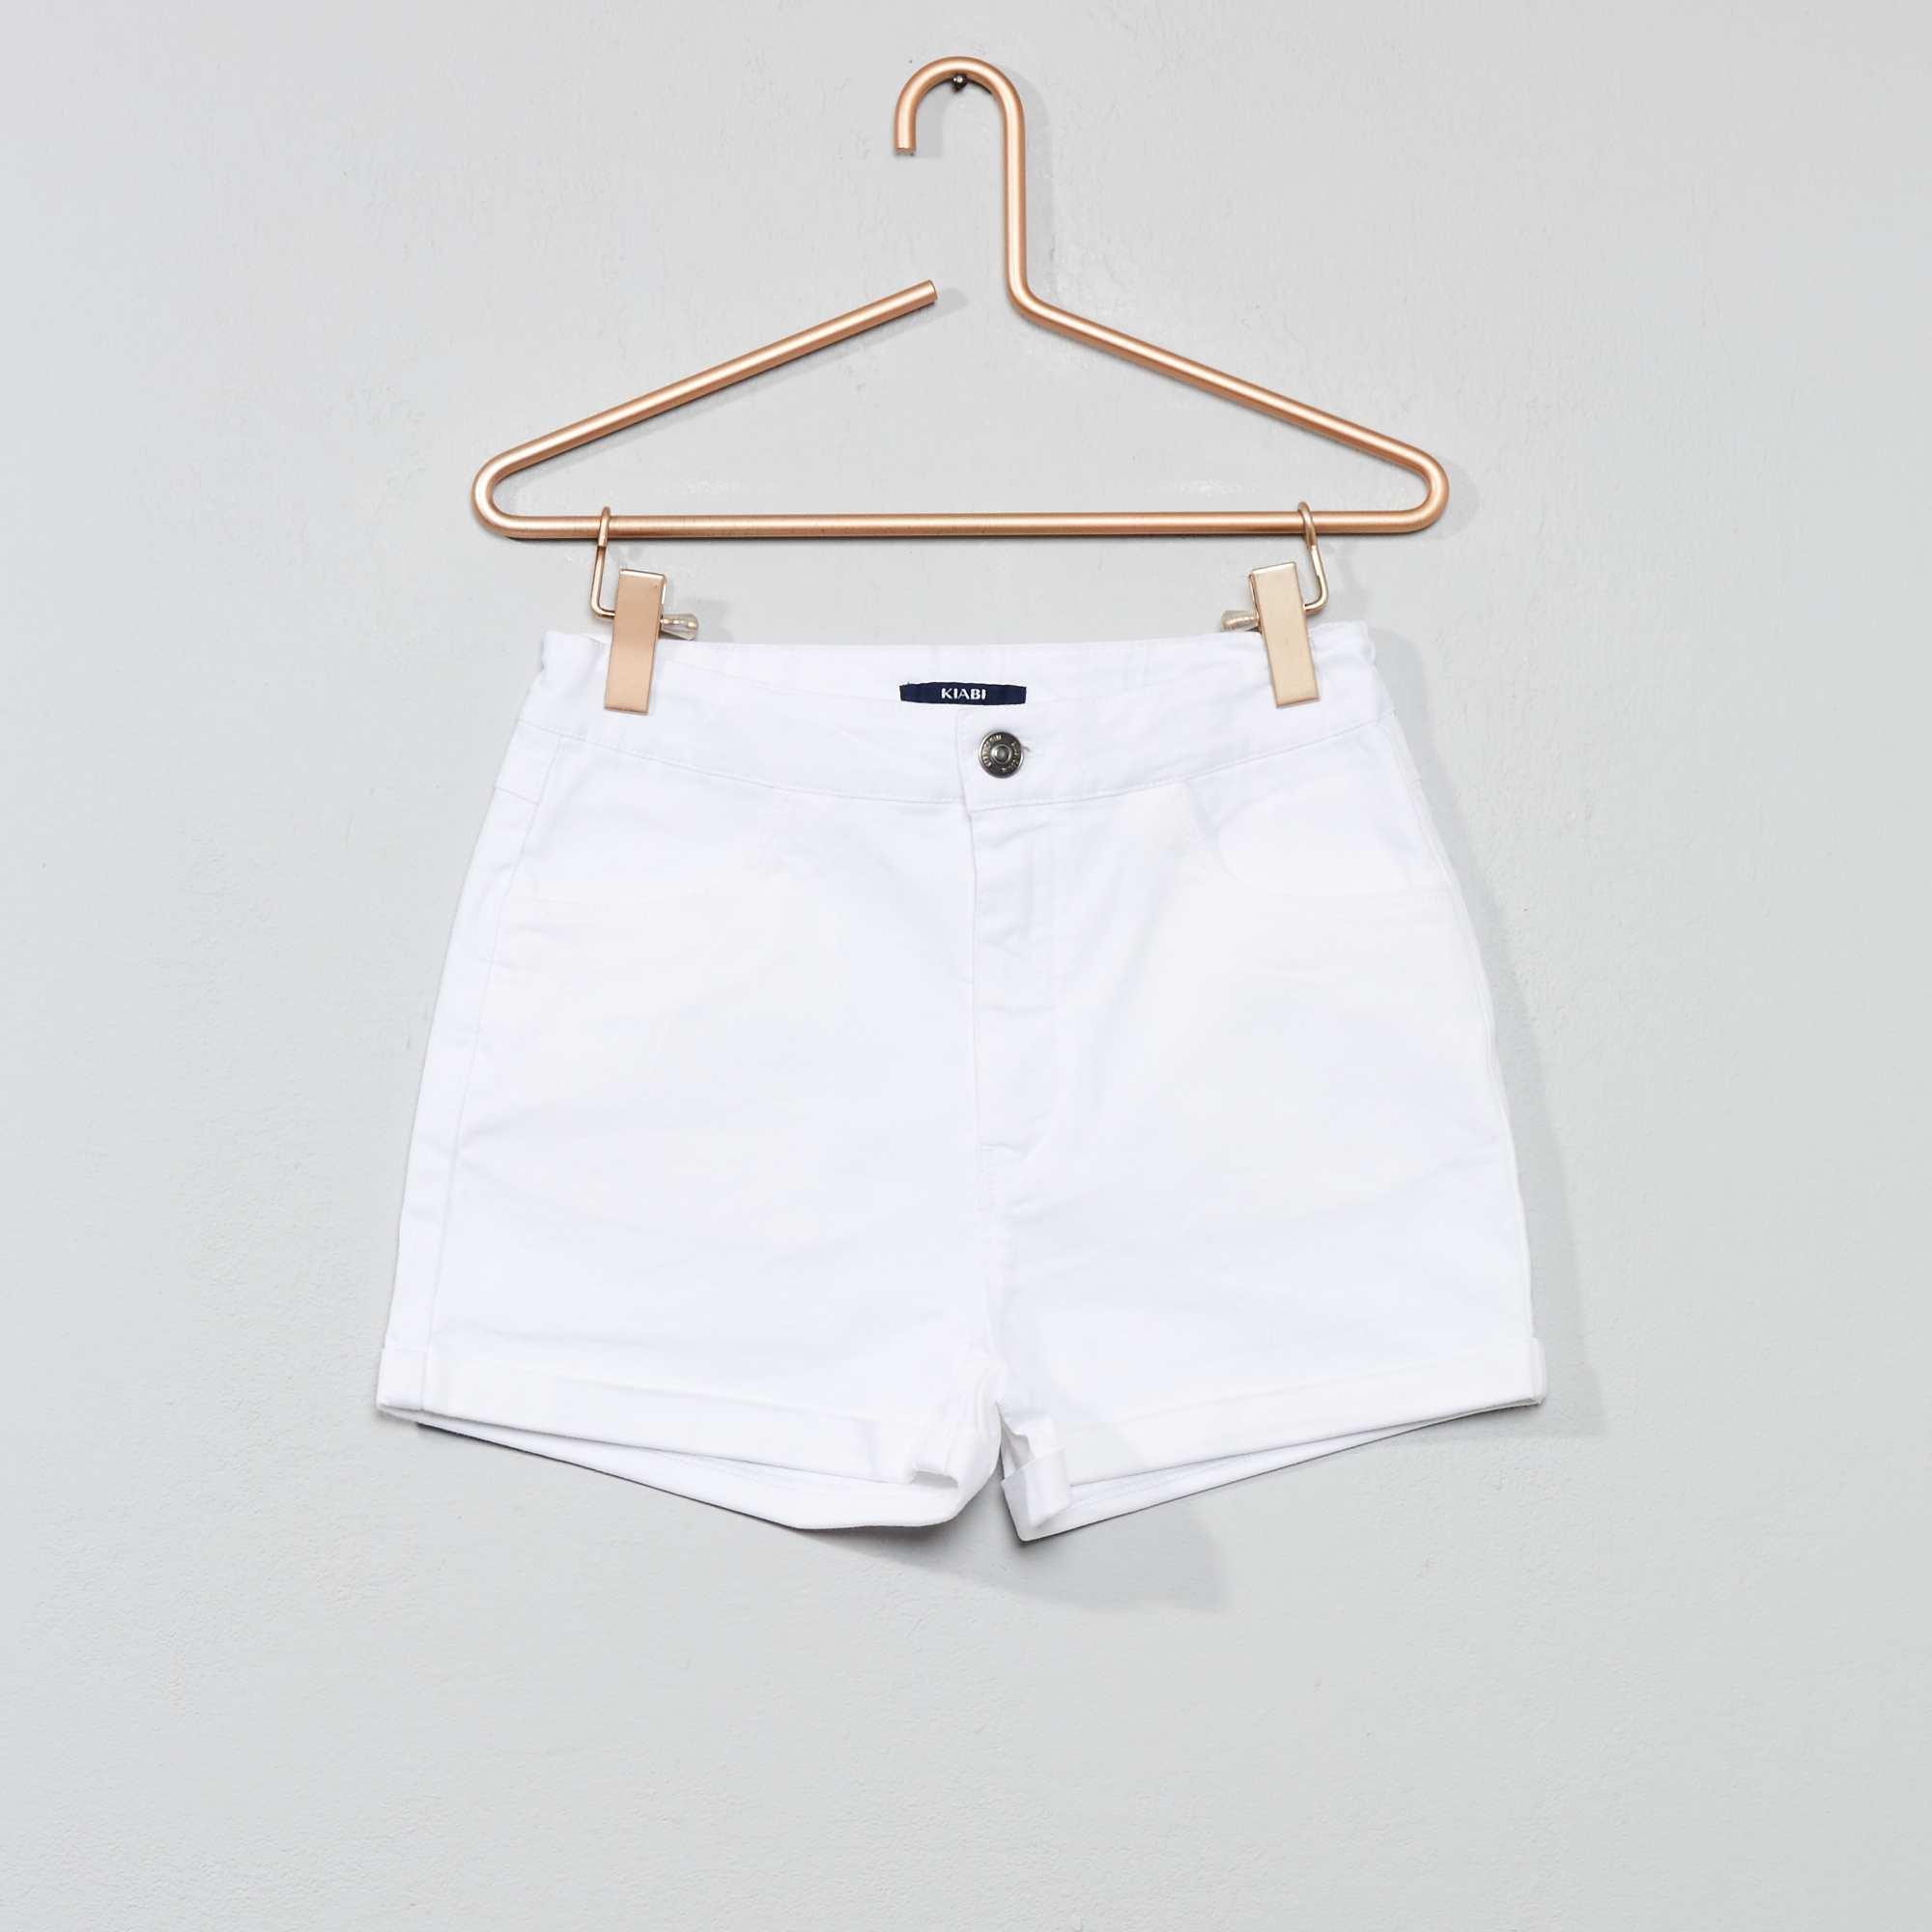 30ac3f5e38 Short taille haute Fille adolescente - blanc - Kiabi - 8,10€